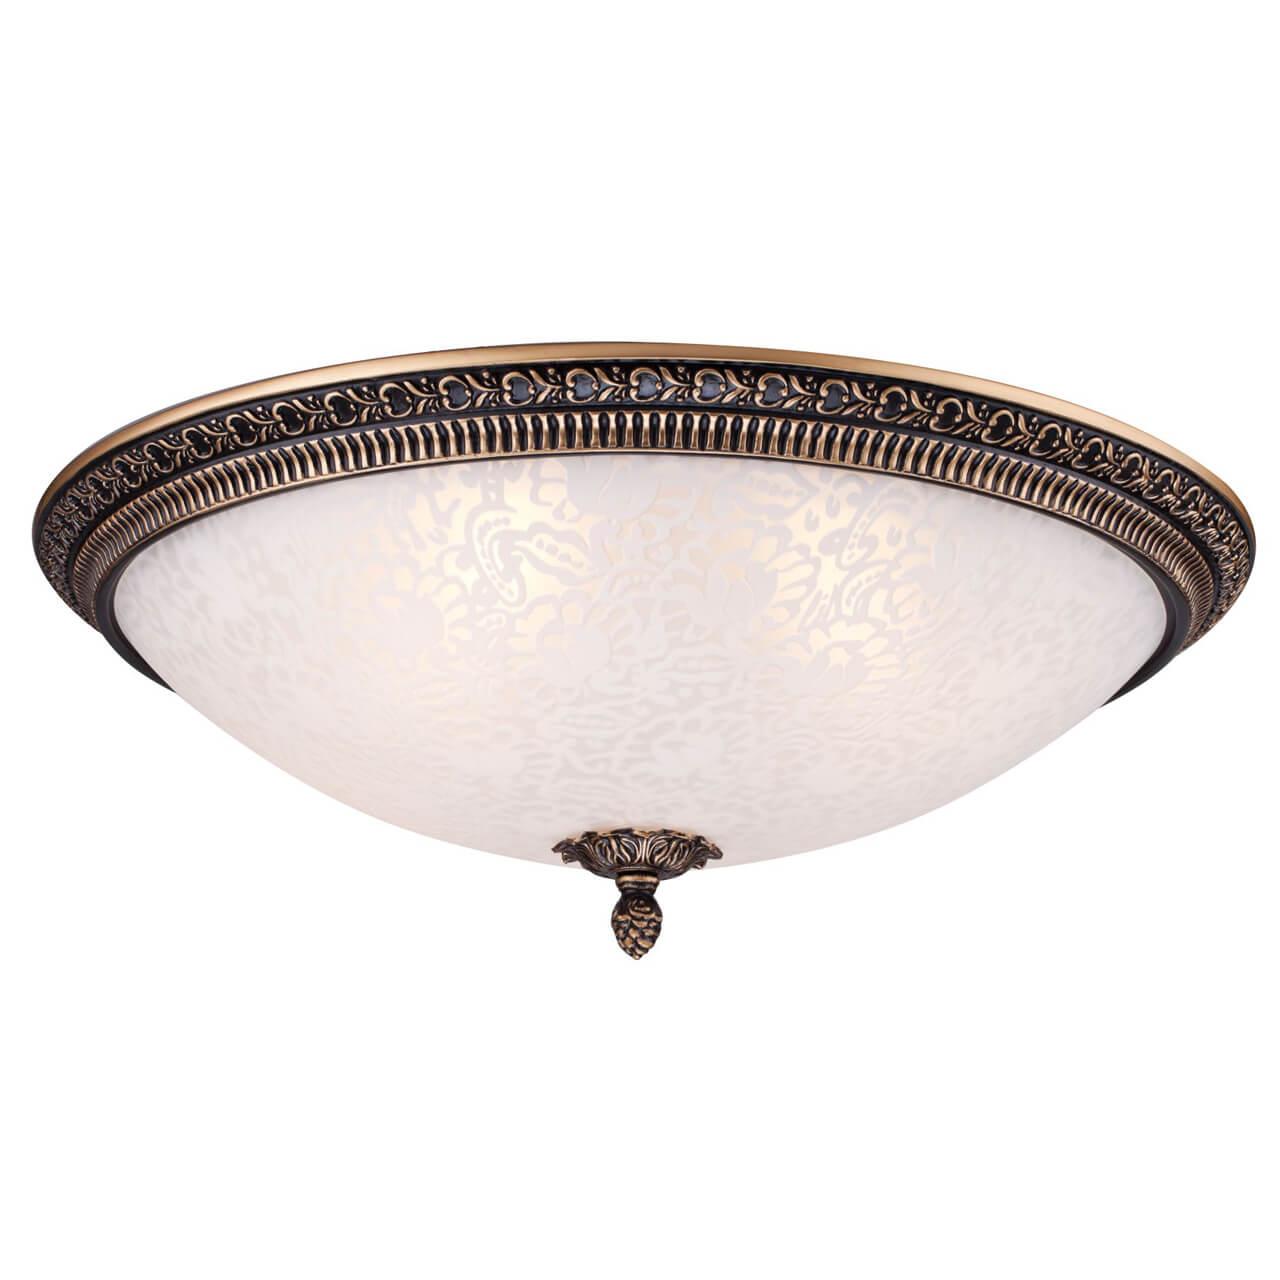 цена на Потолочный светильник Maytoni Pascal C908-CL-04-R